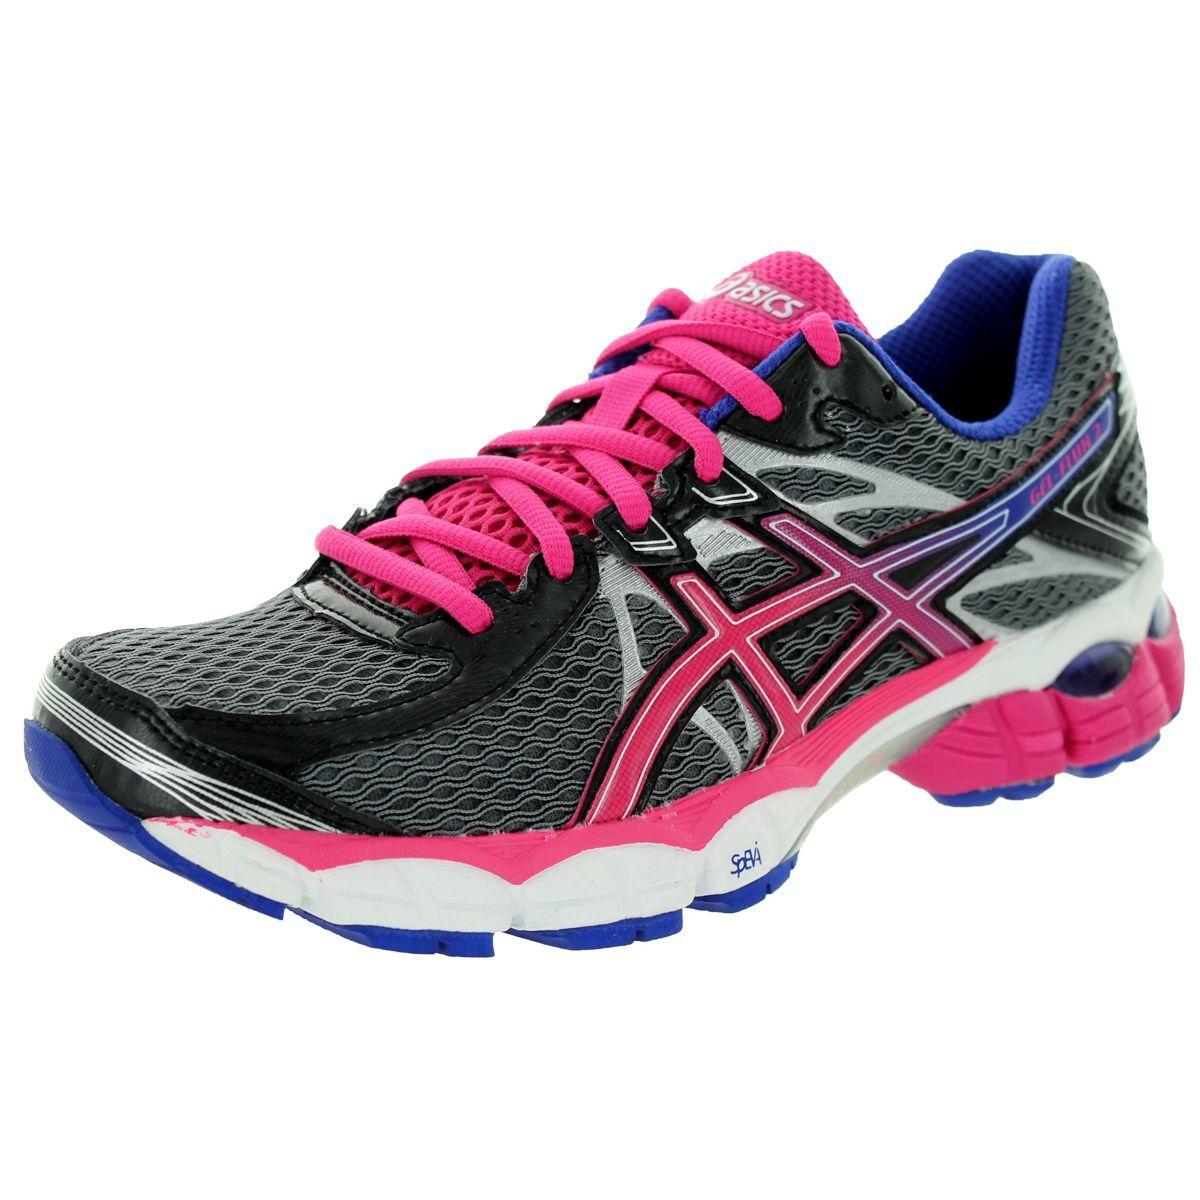 a14ab66d3 Asics Women s Gel-Flux 2 Onyx Hot Pink Blue Running Shoe